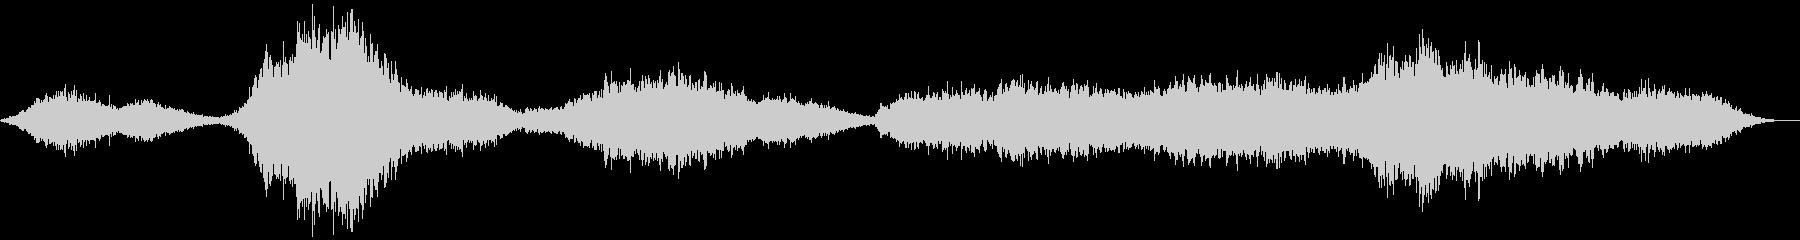 【ホラー】 【映画】 神からの追放_02の未再生の波形